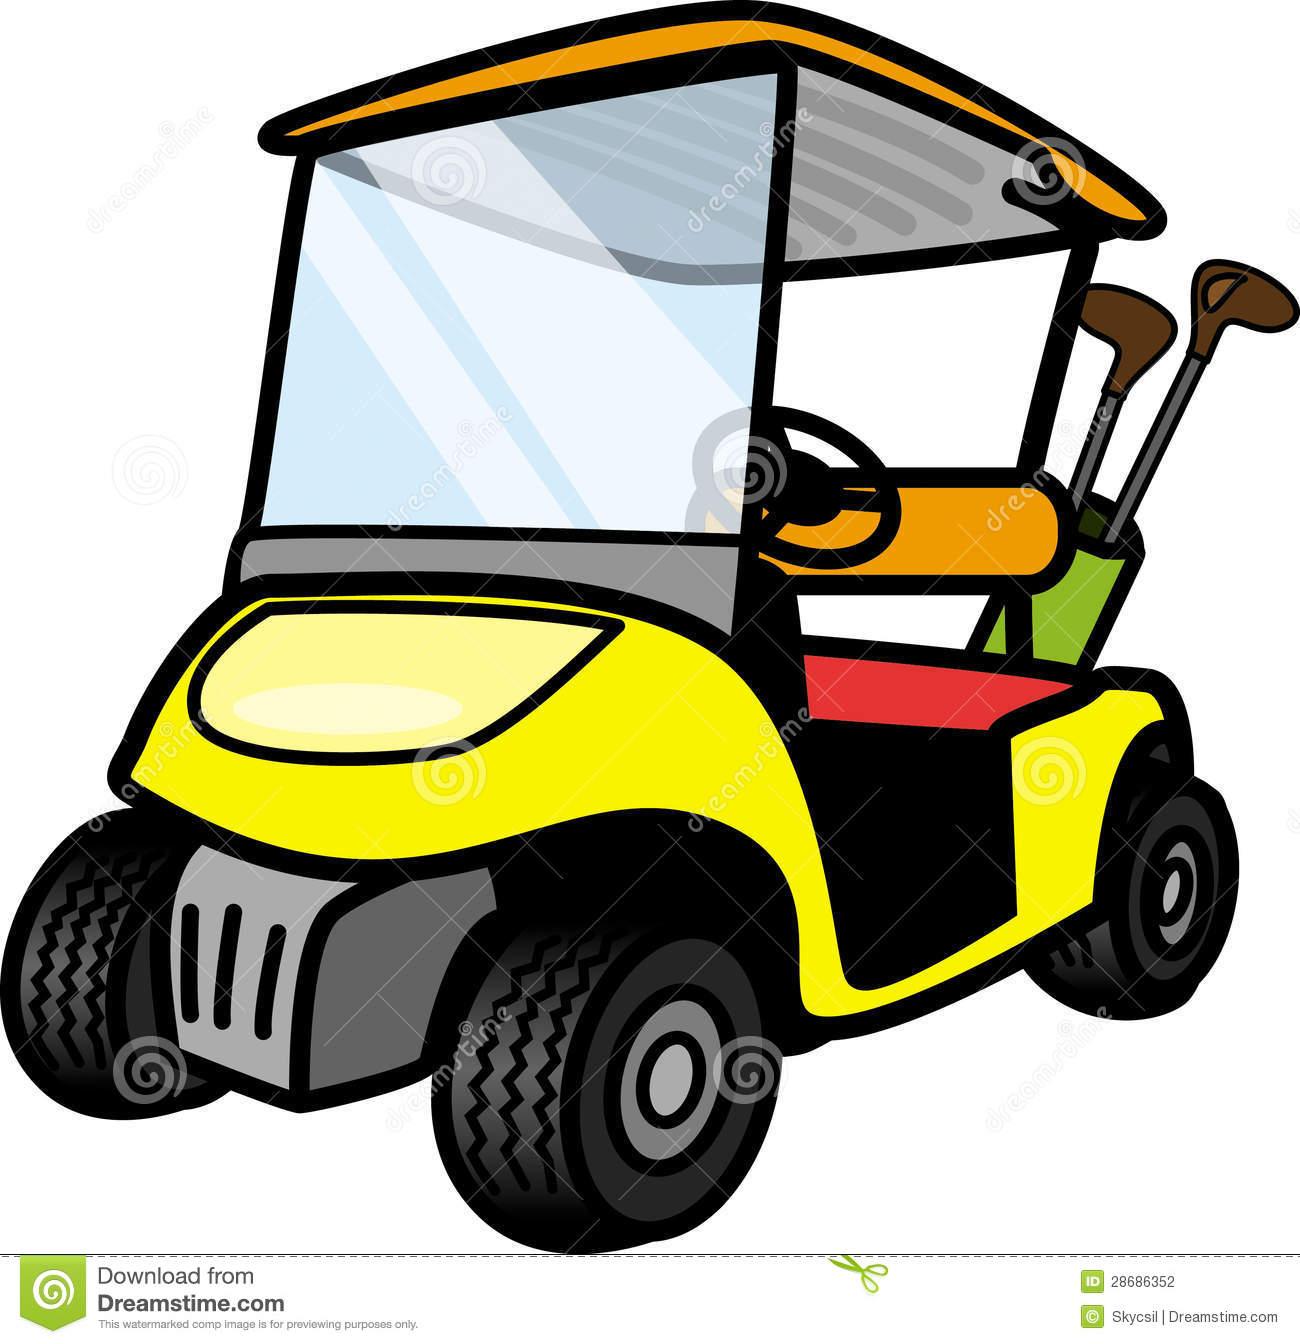 cart clip art. Golf clipart golf buggy